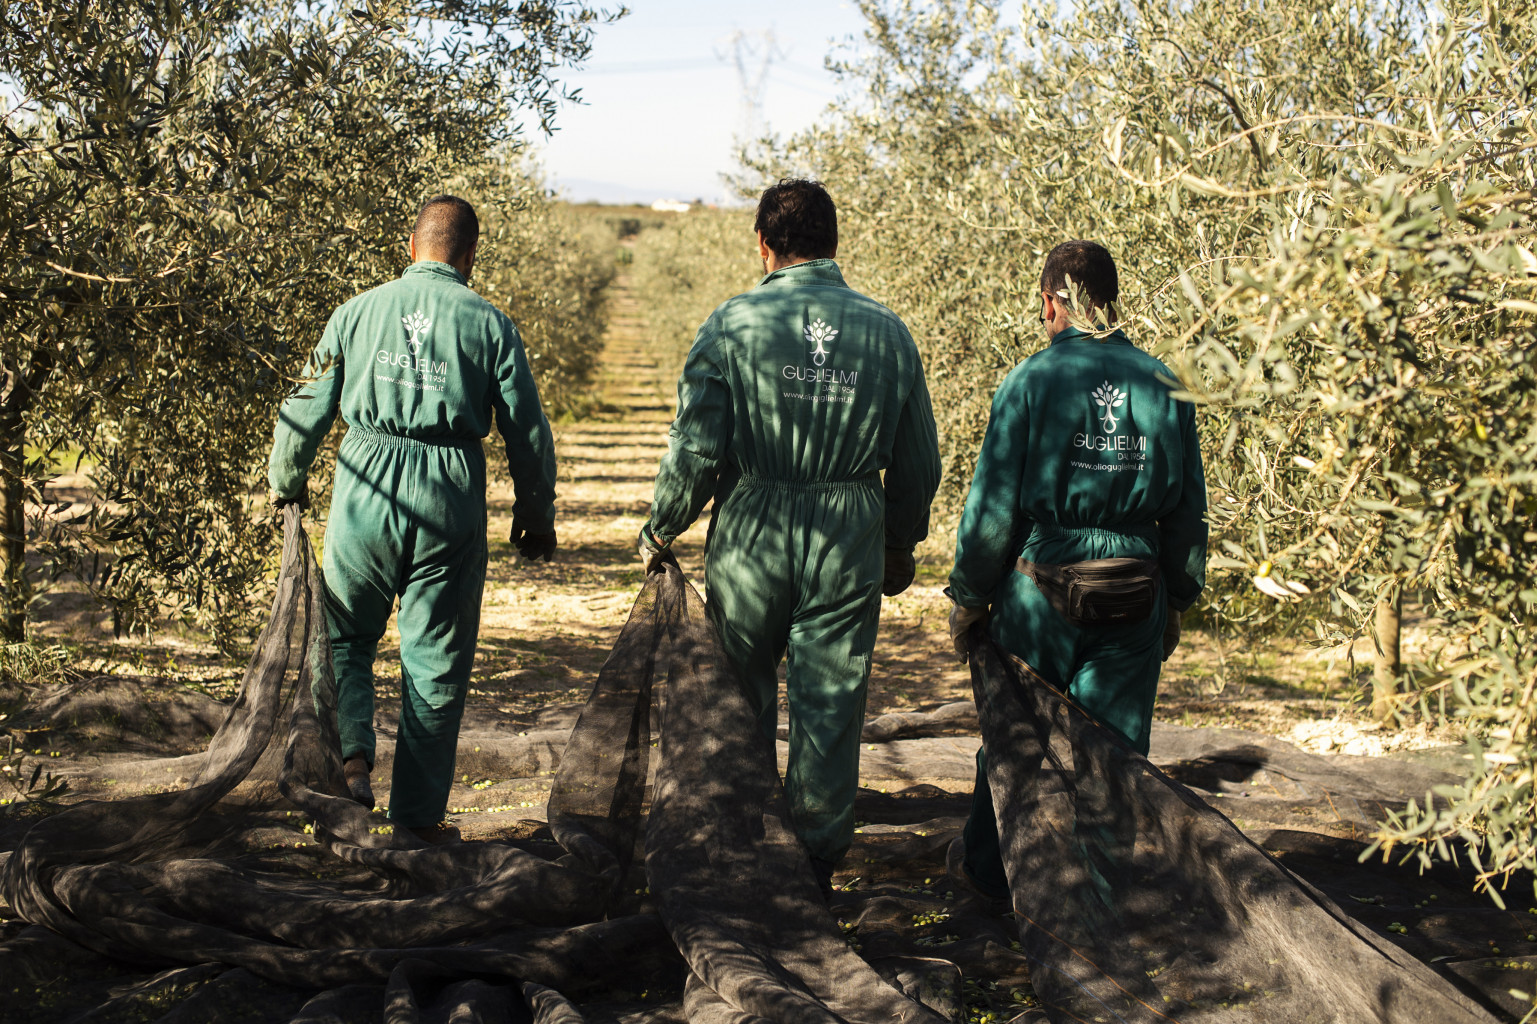 olio extravergine di oliva olio nuovo olio guglielmi